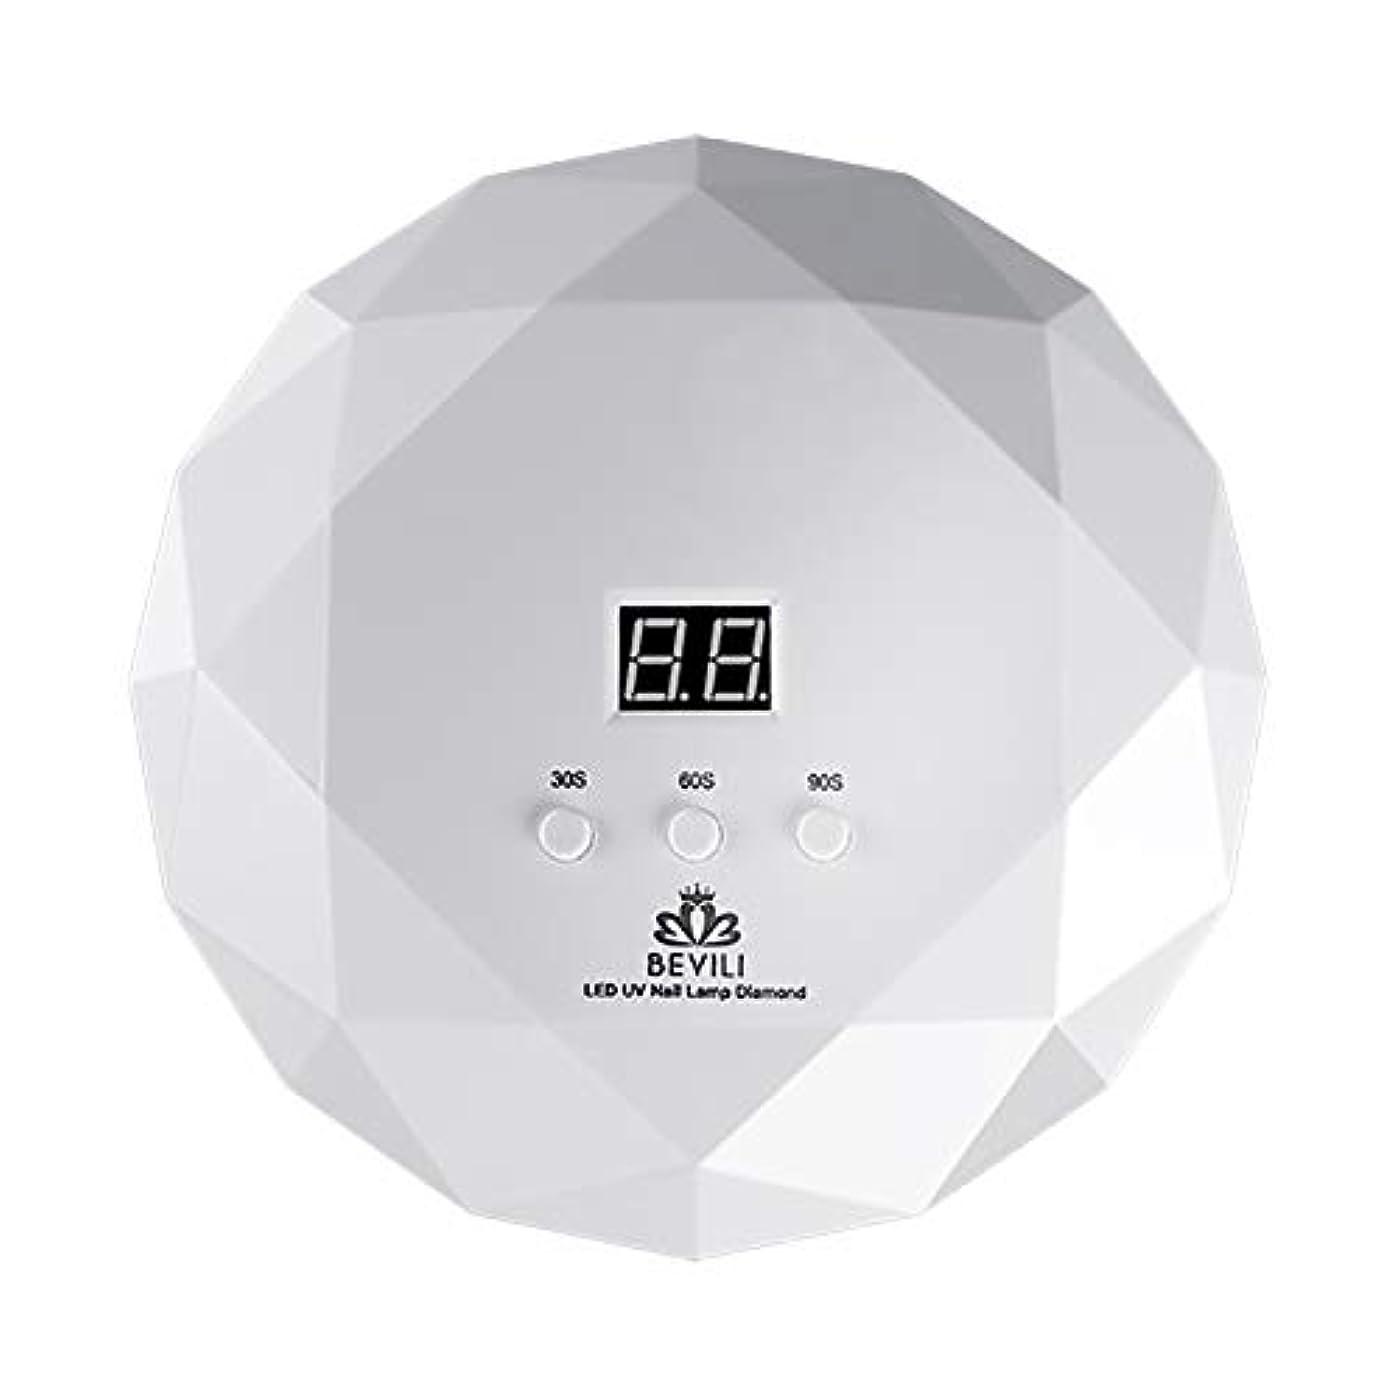 ウィンク領収書衰えるLITI LEDネイルドライヤー UVネイルライト 36Wハイパワー 自動センサー 3段階タイマー設定 高速硬化ジェルネイルライト UVとLEDダブルライト肌をケア ジェルネイル用 ホワイト